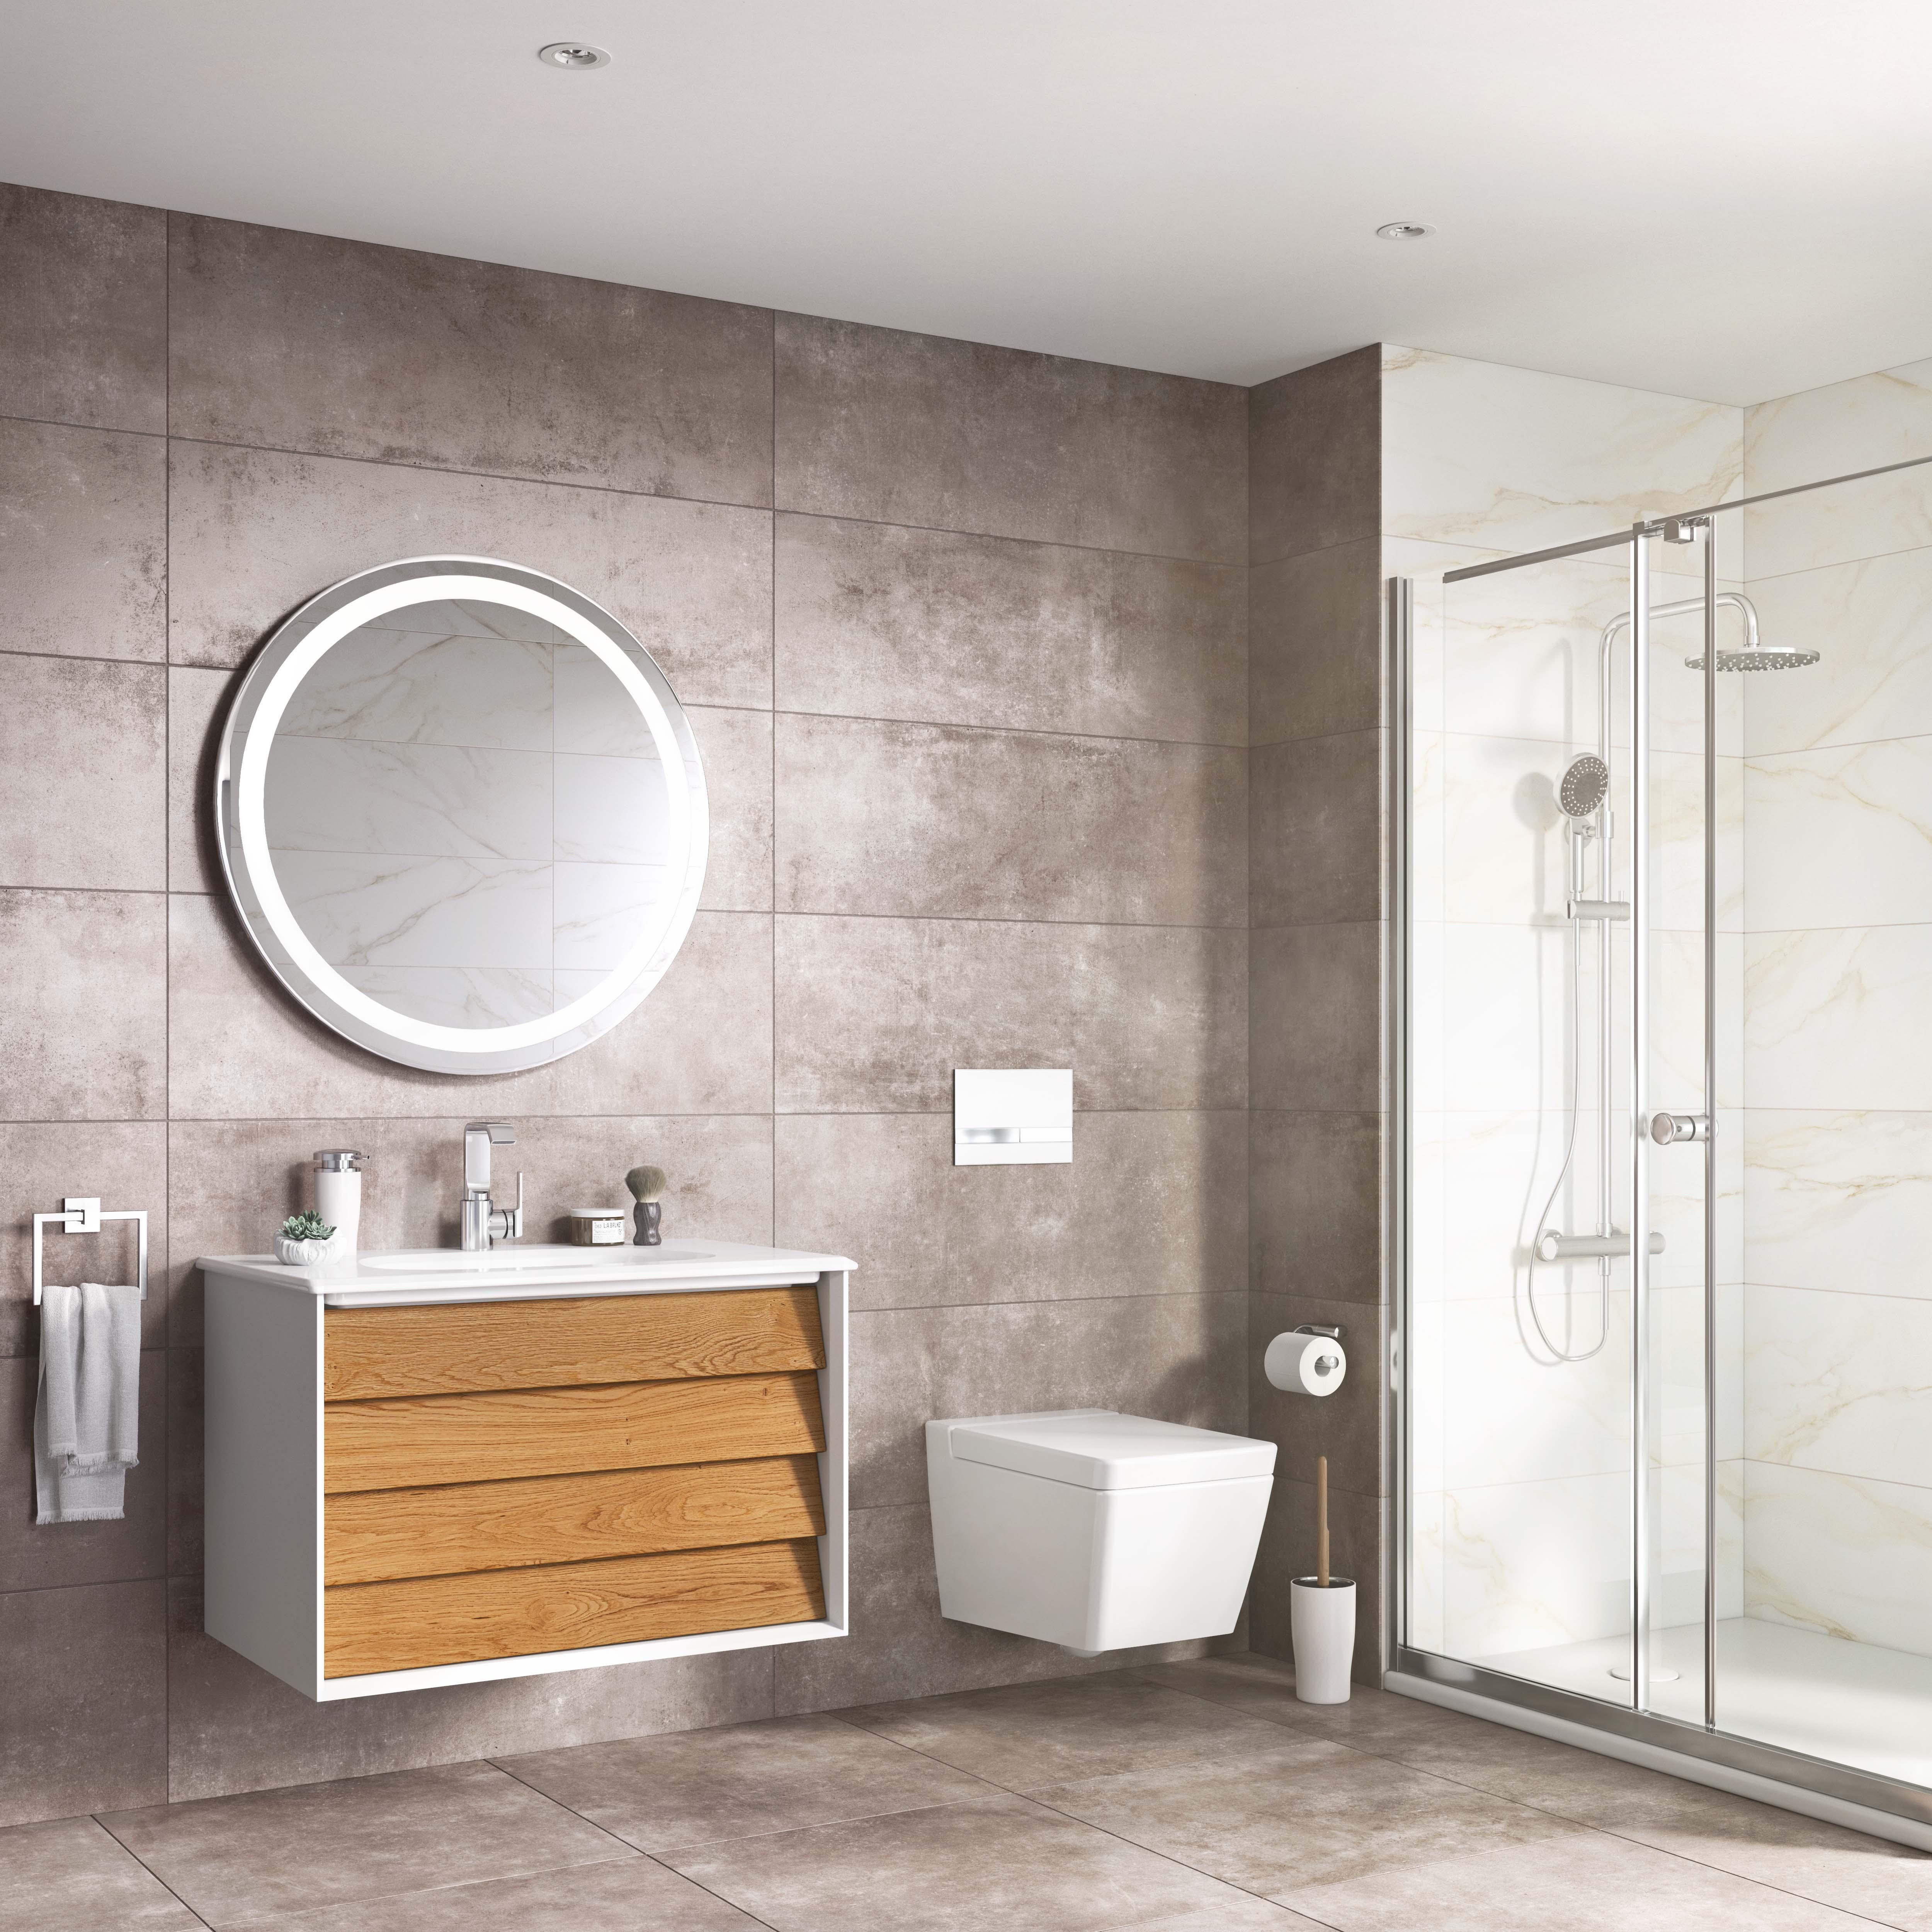 shower room idea 1